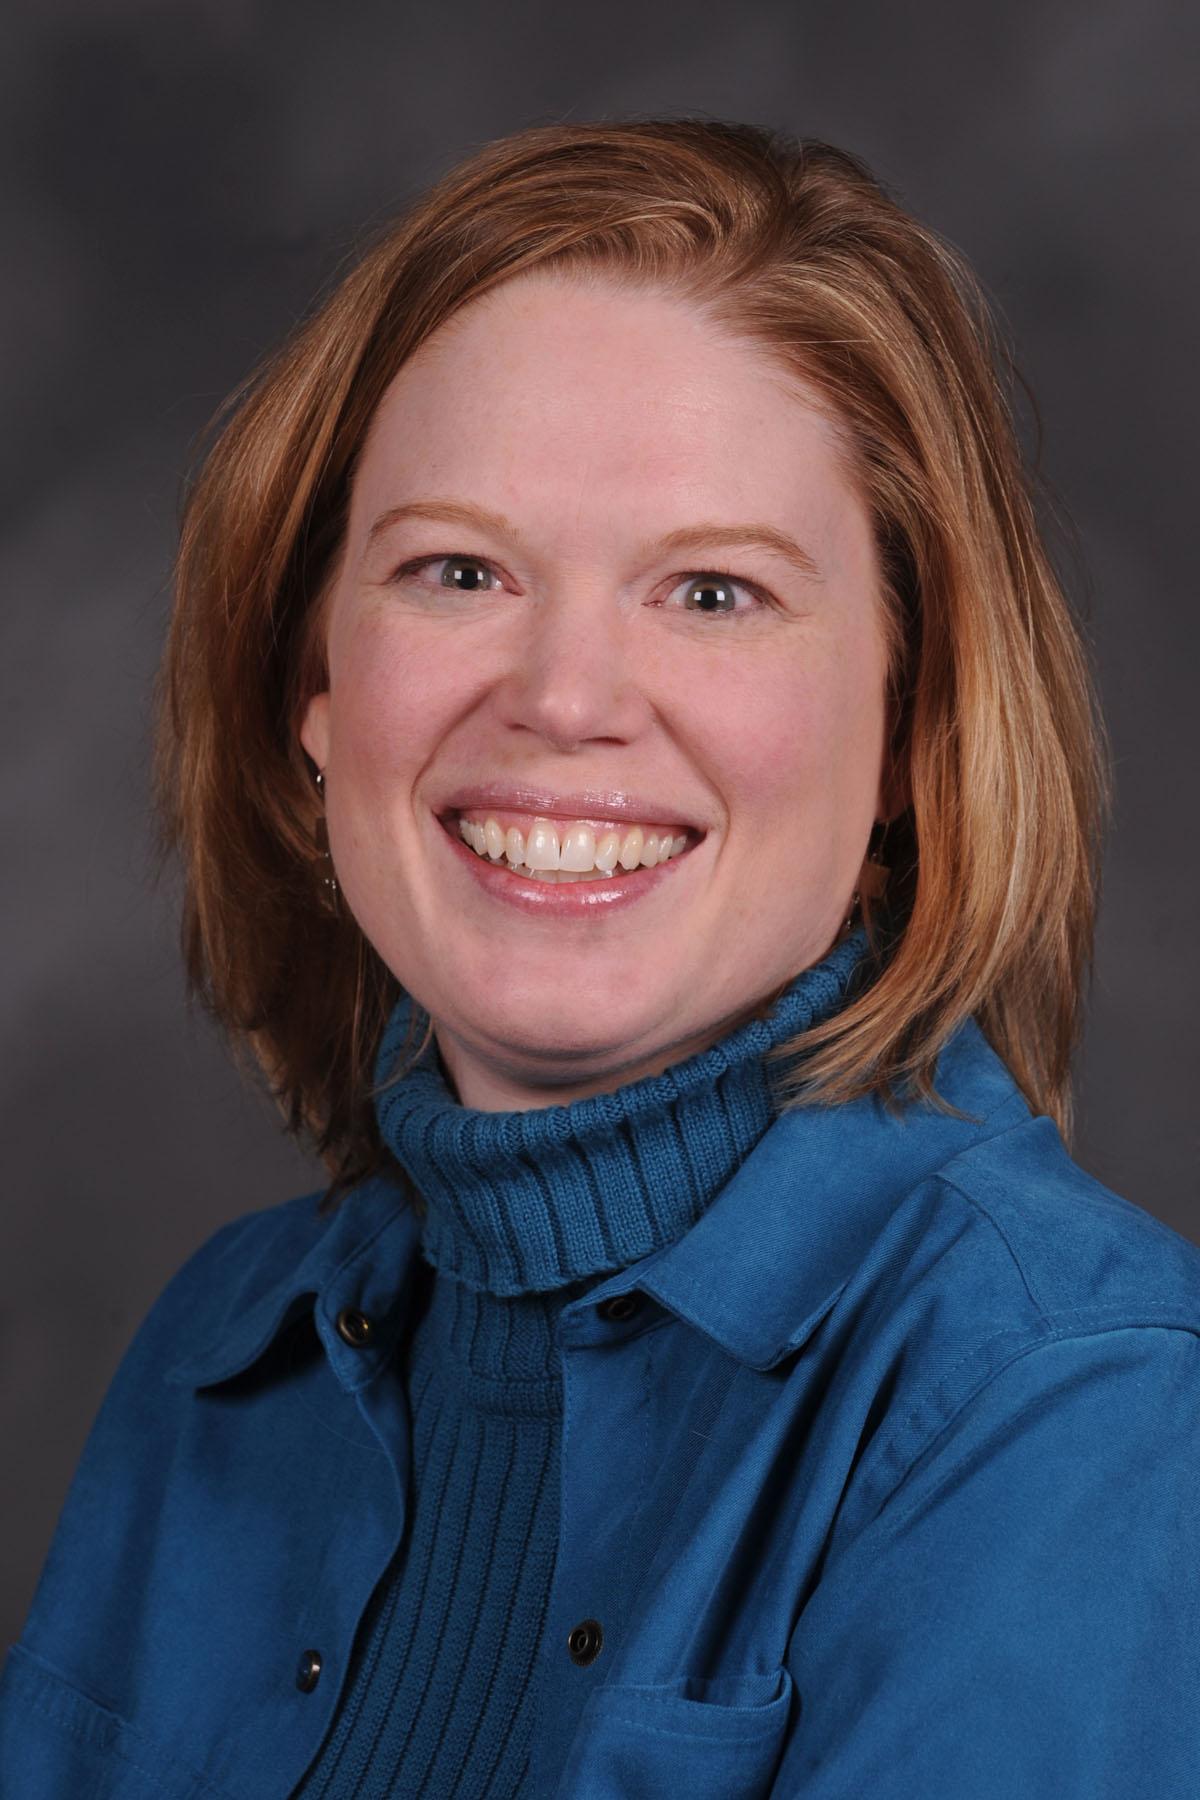 Tammy Slusser